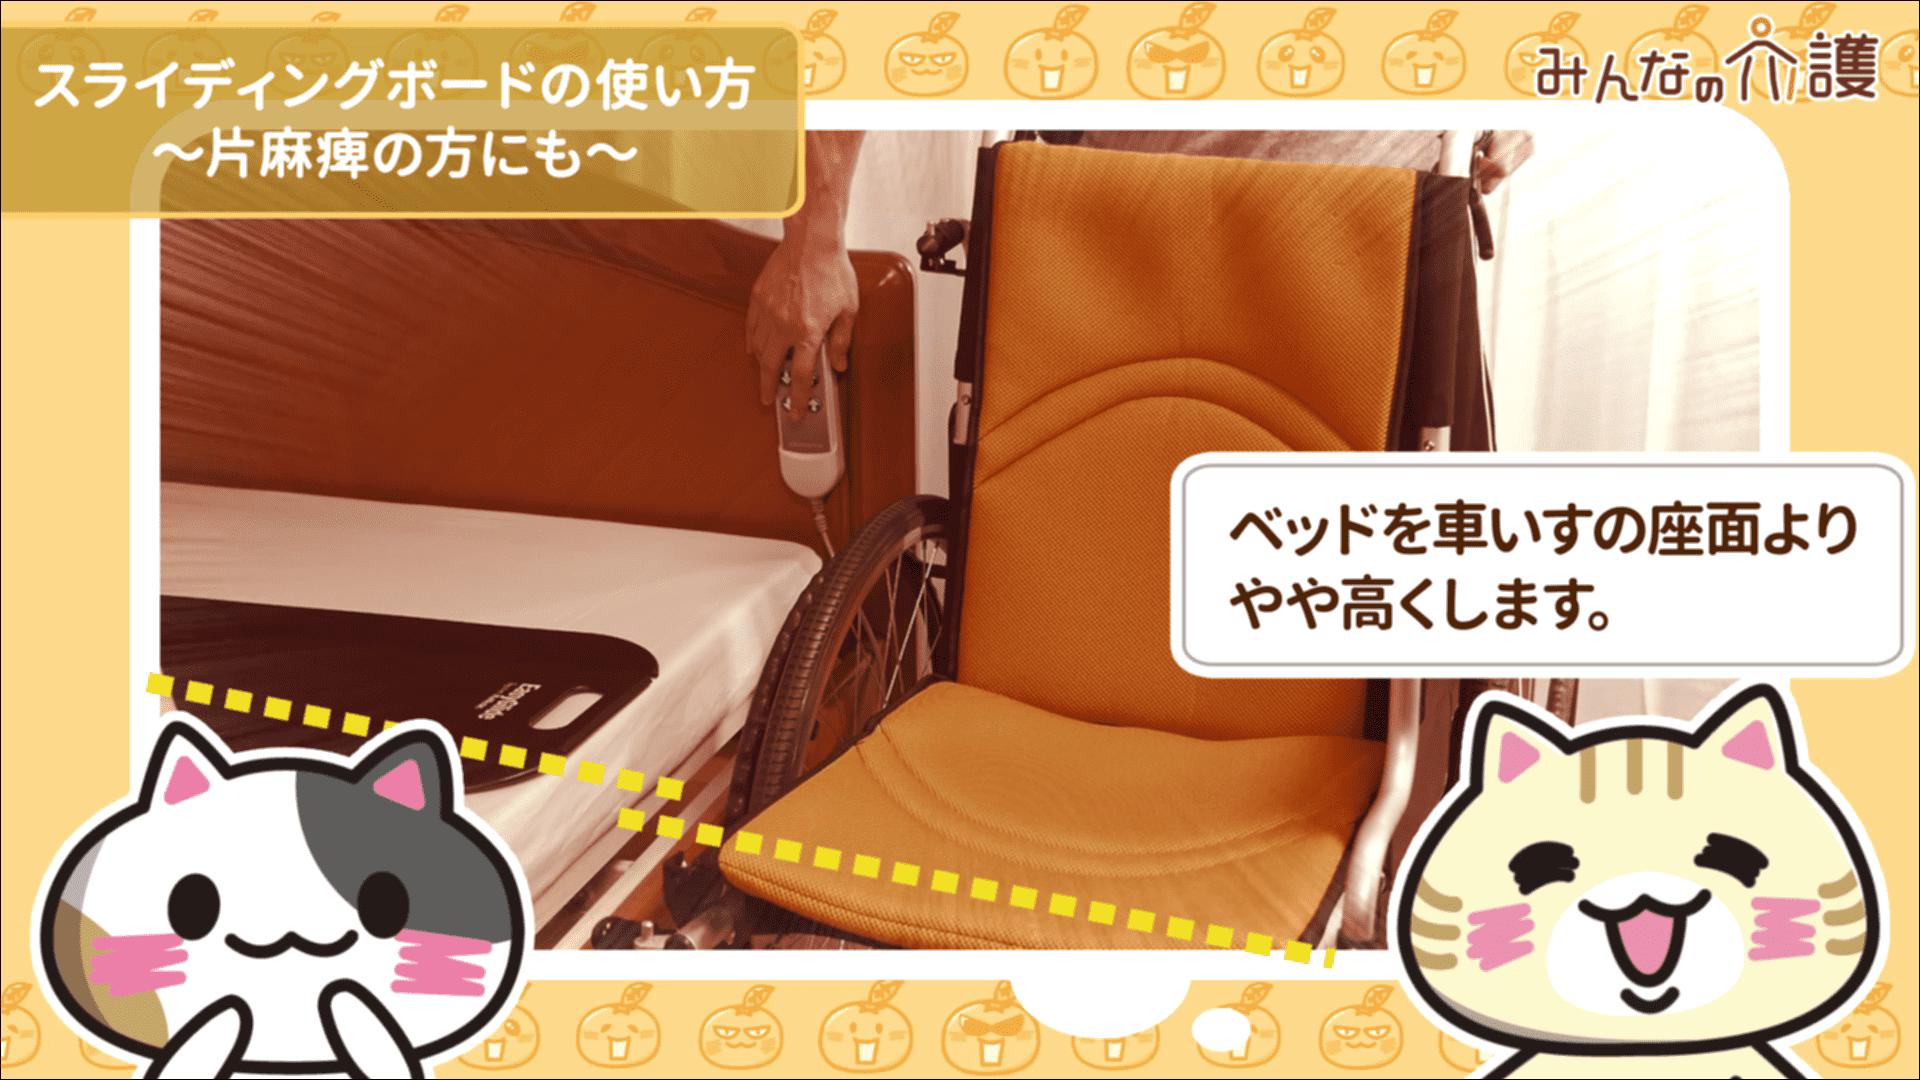 ベッドを高くするイメージ